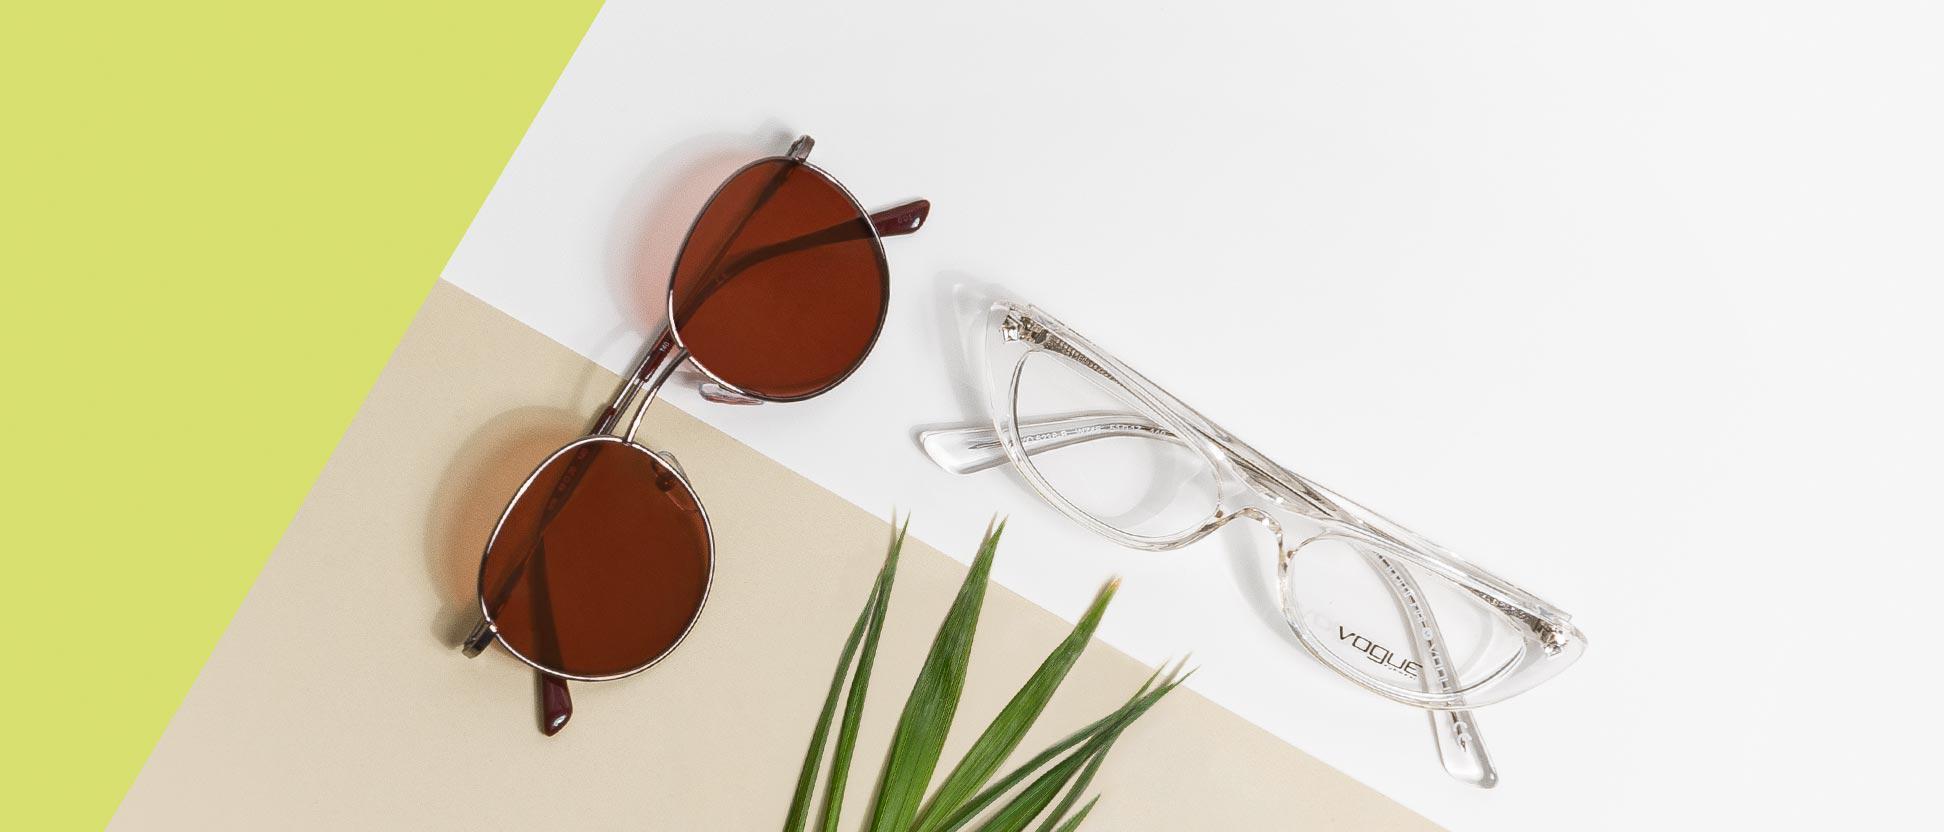 Brillen günstig kaufen beim Online-Optiker Mister Spex